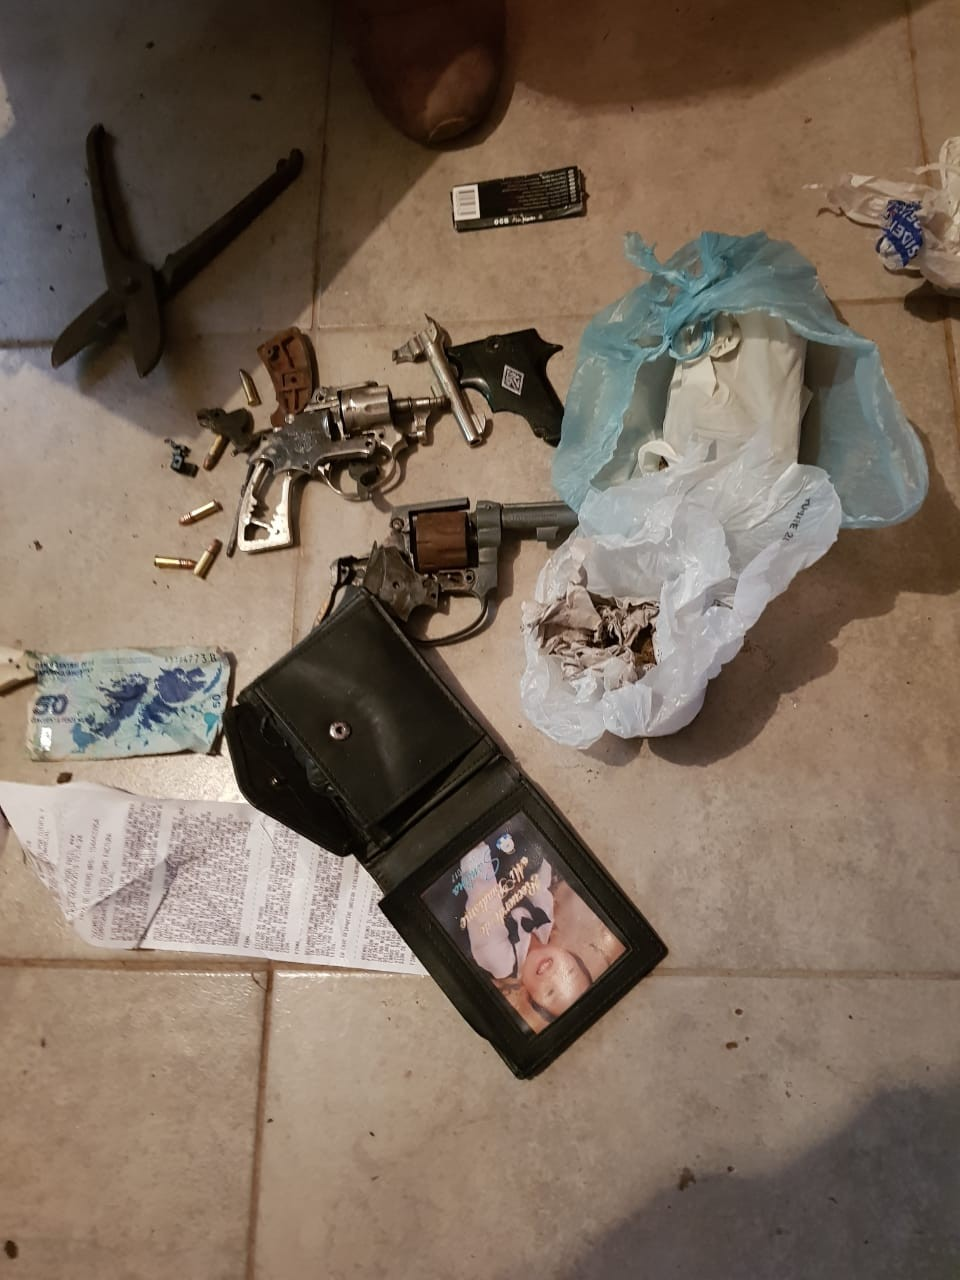 Incautaron dos Pistolas y Marihuana en Allanamiento